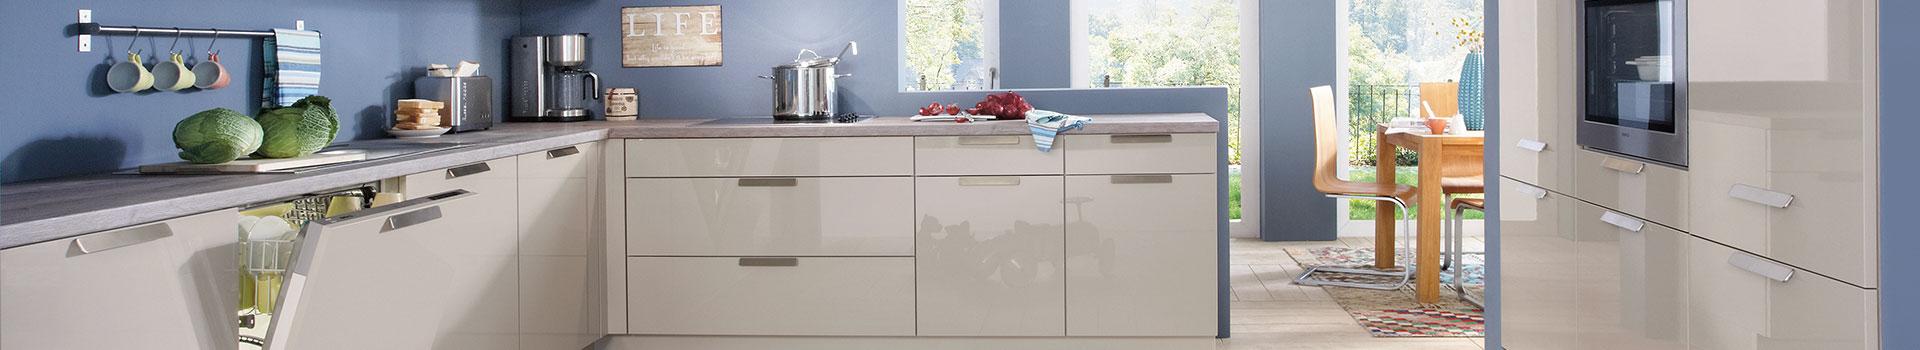 U-förmige Küchen kaufen bei Sconto